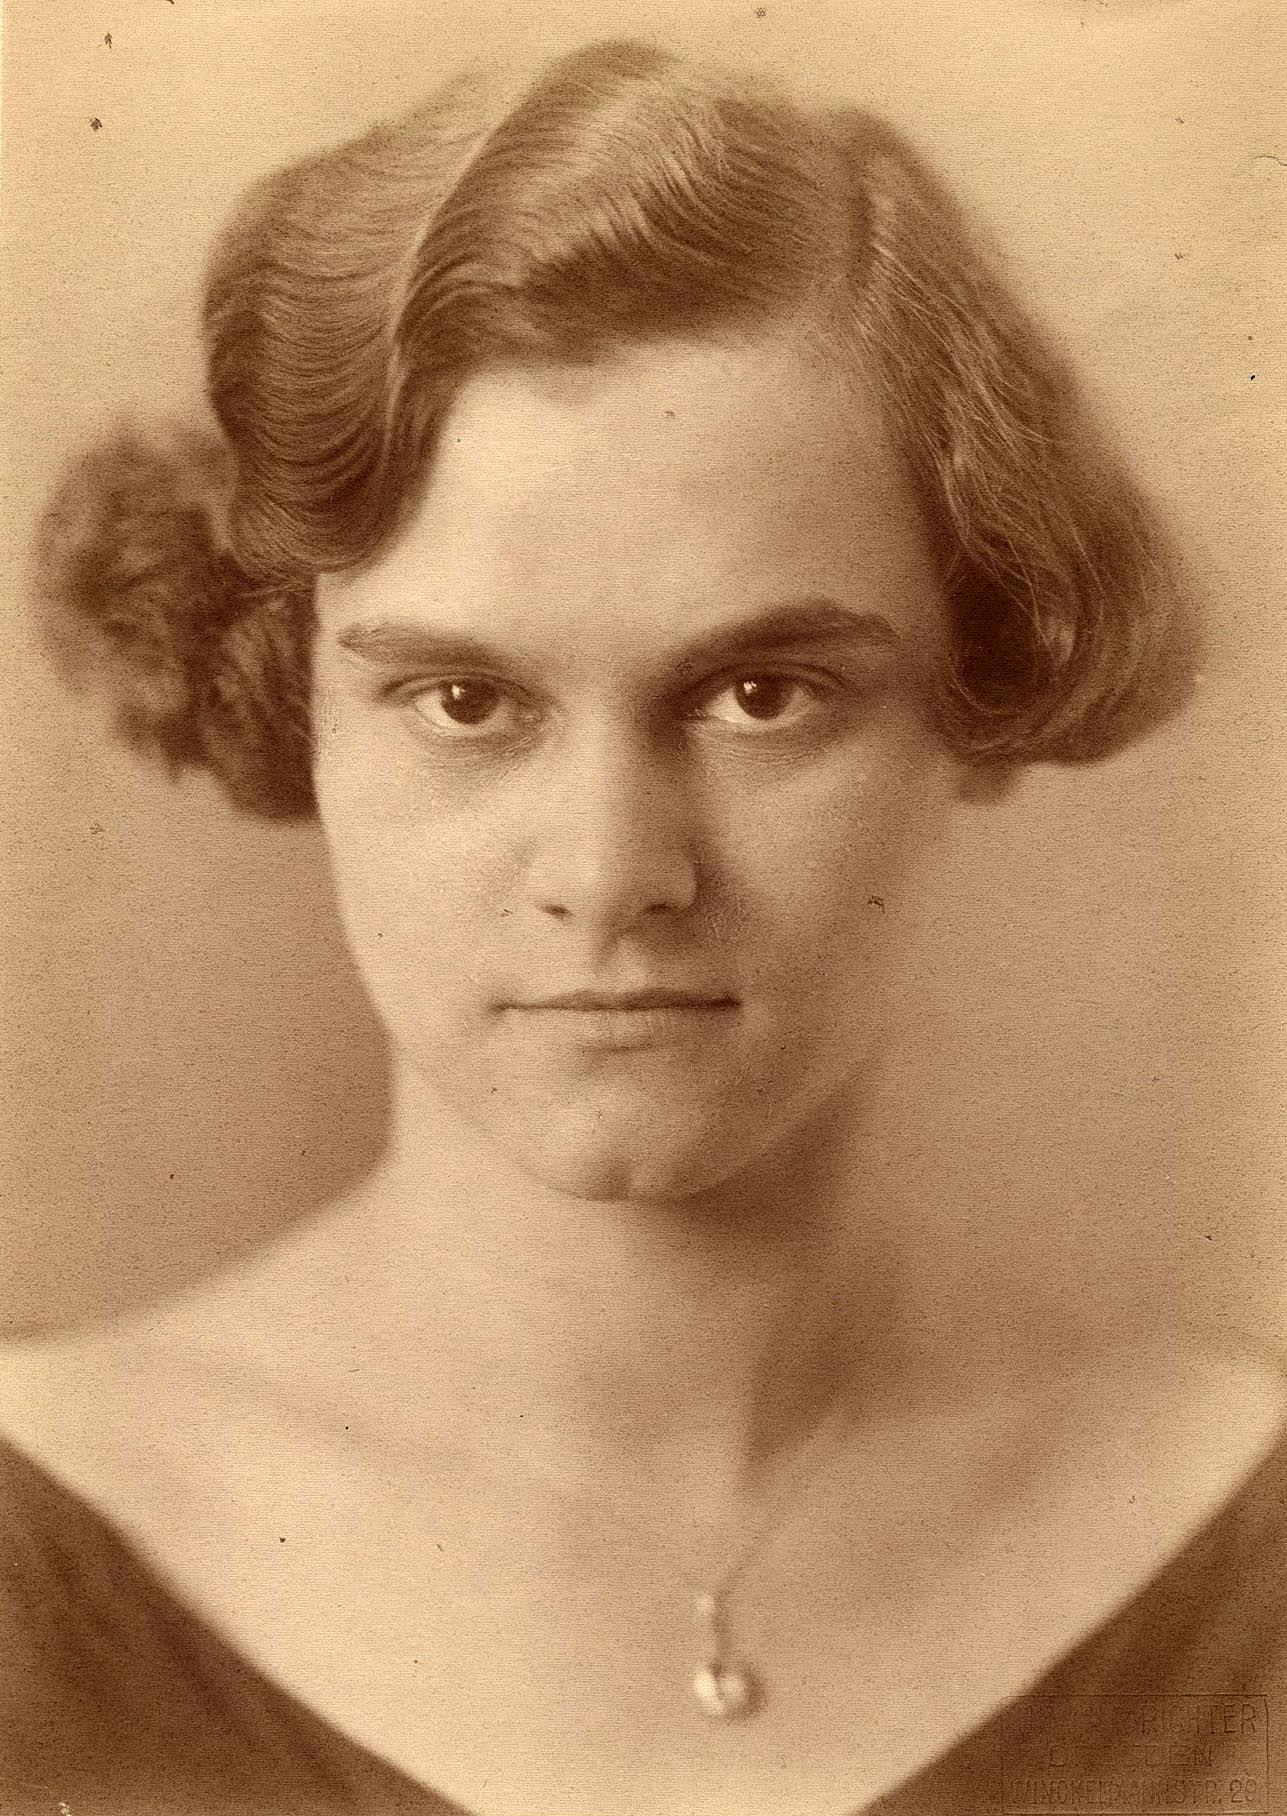 09_15 Berger, Erna, 1925, Foto Ursula Richter